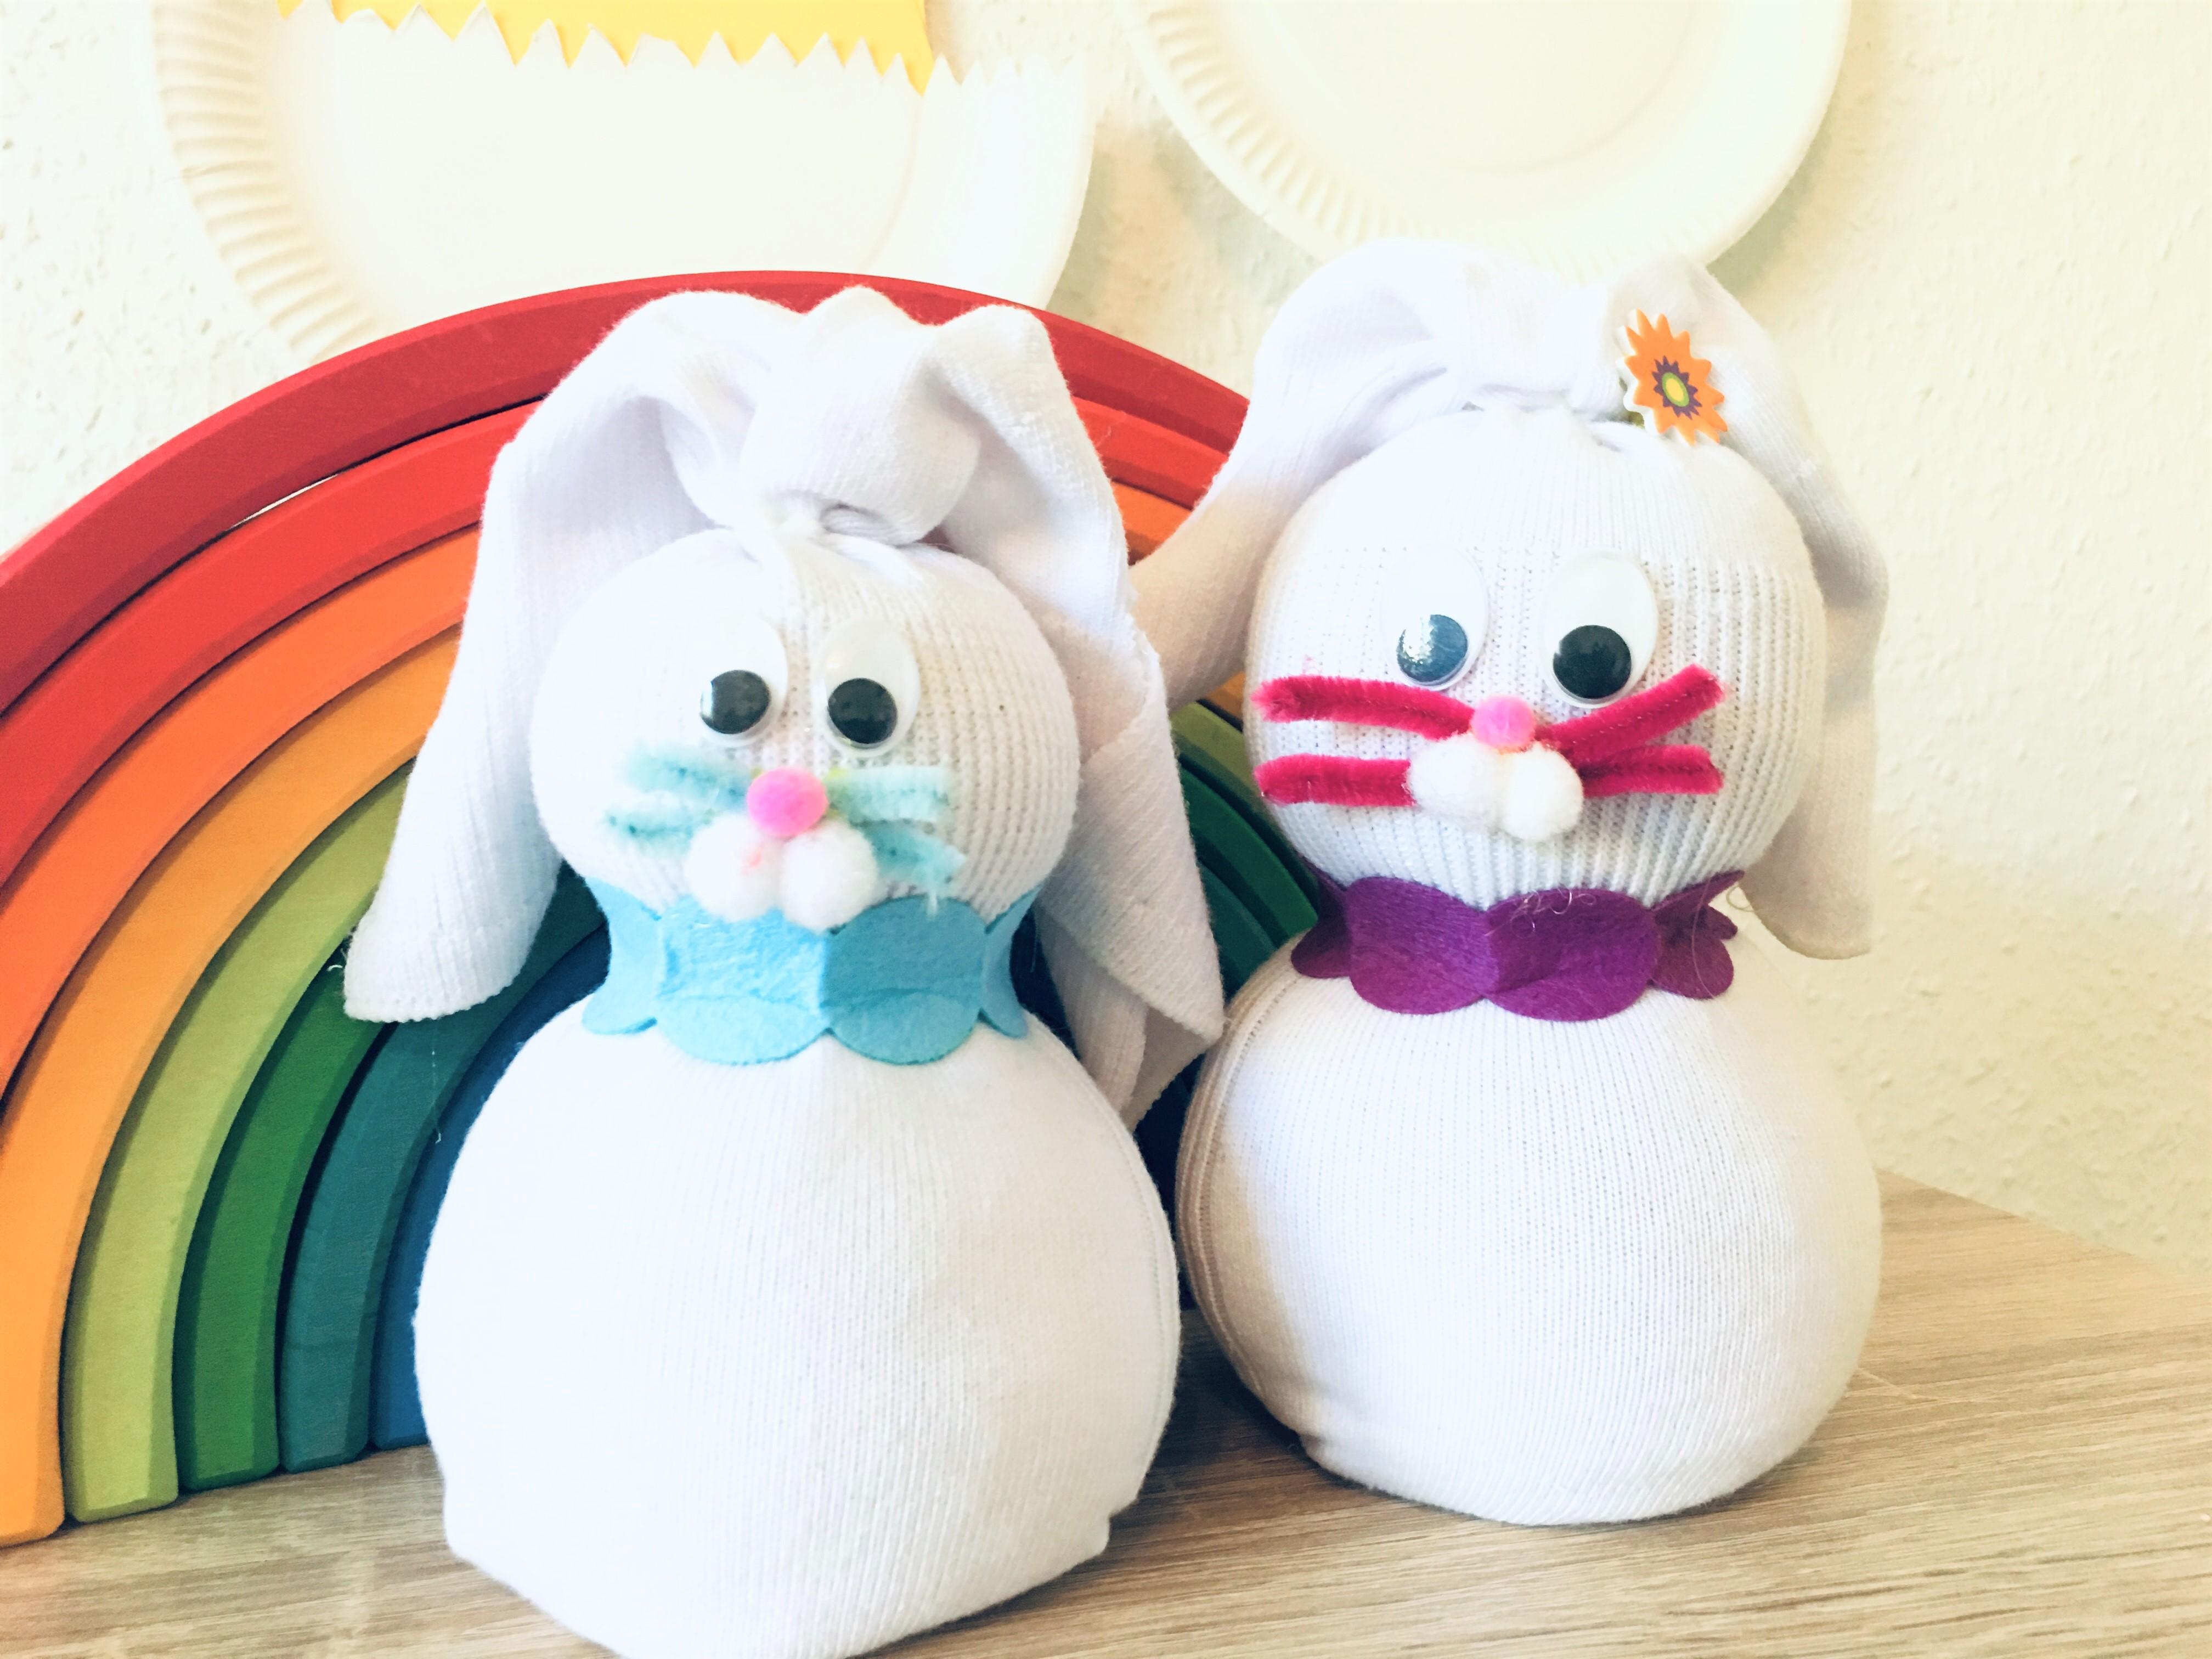 Socken Osterhasen Basteln Für Ostern Der Familienblog